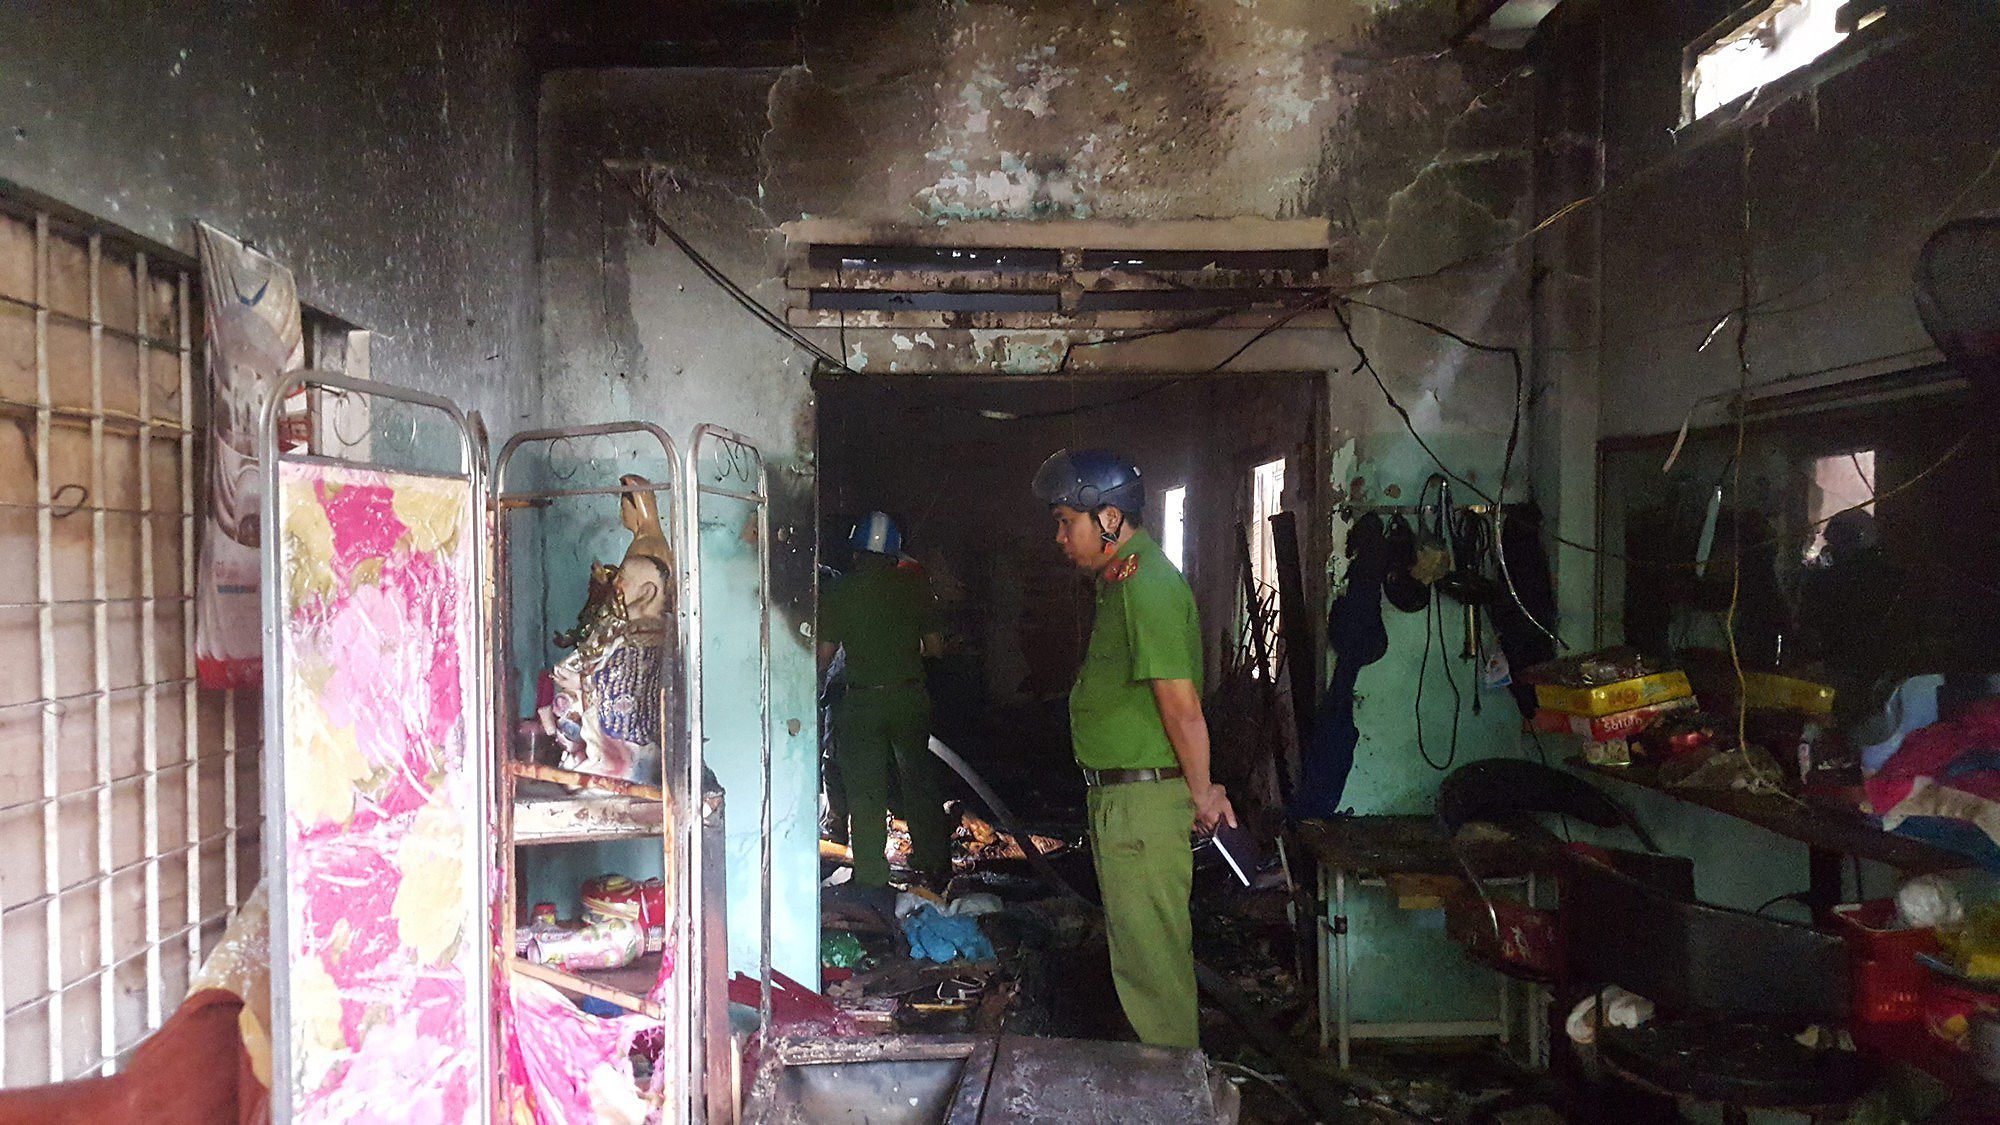 Cao Bằng: Bà chủ nhà 76 tuổi sống một mình bị người thuê nhà sát hại Ảnh 1